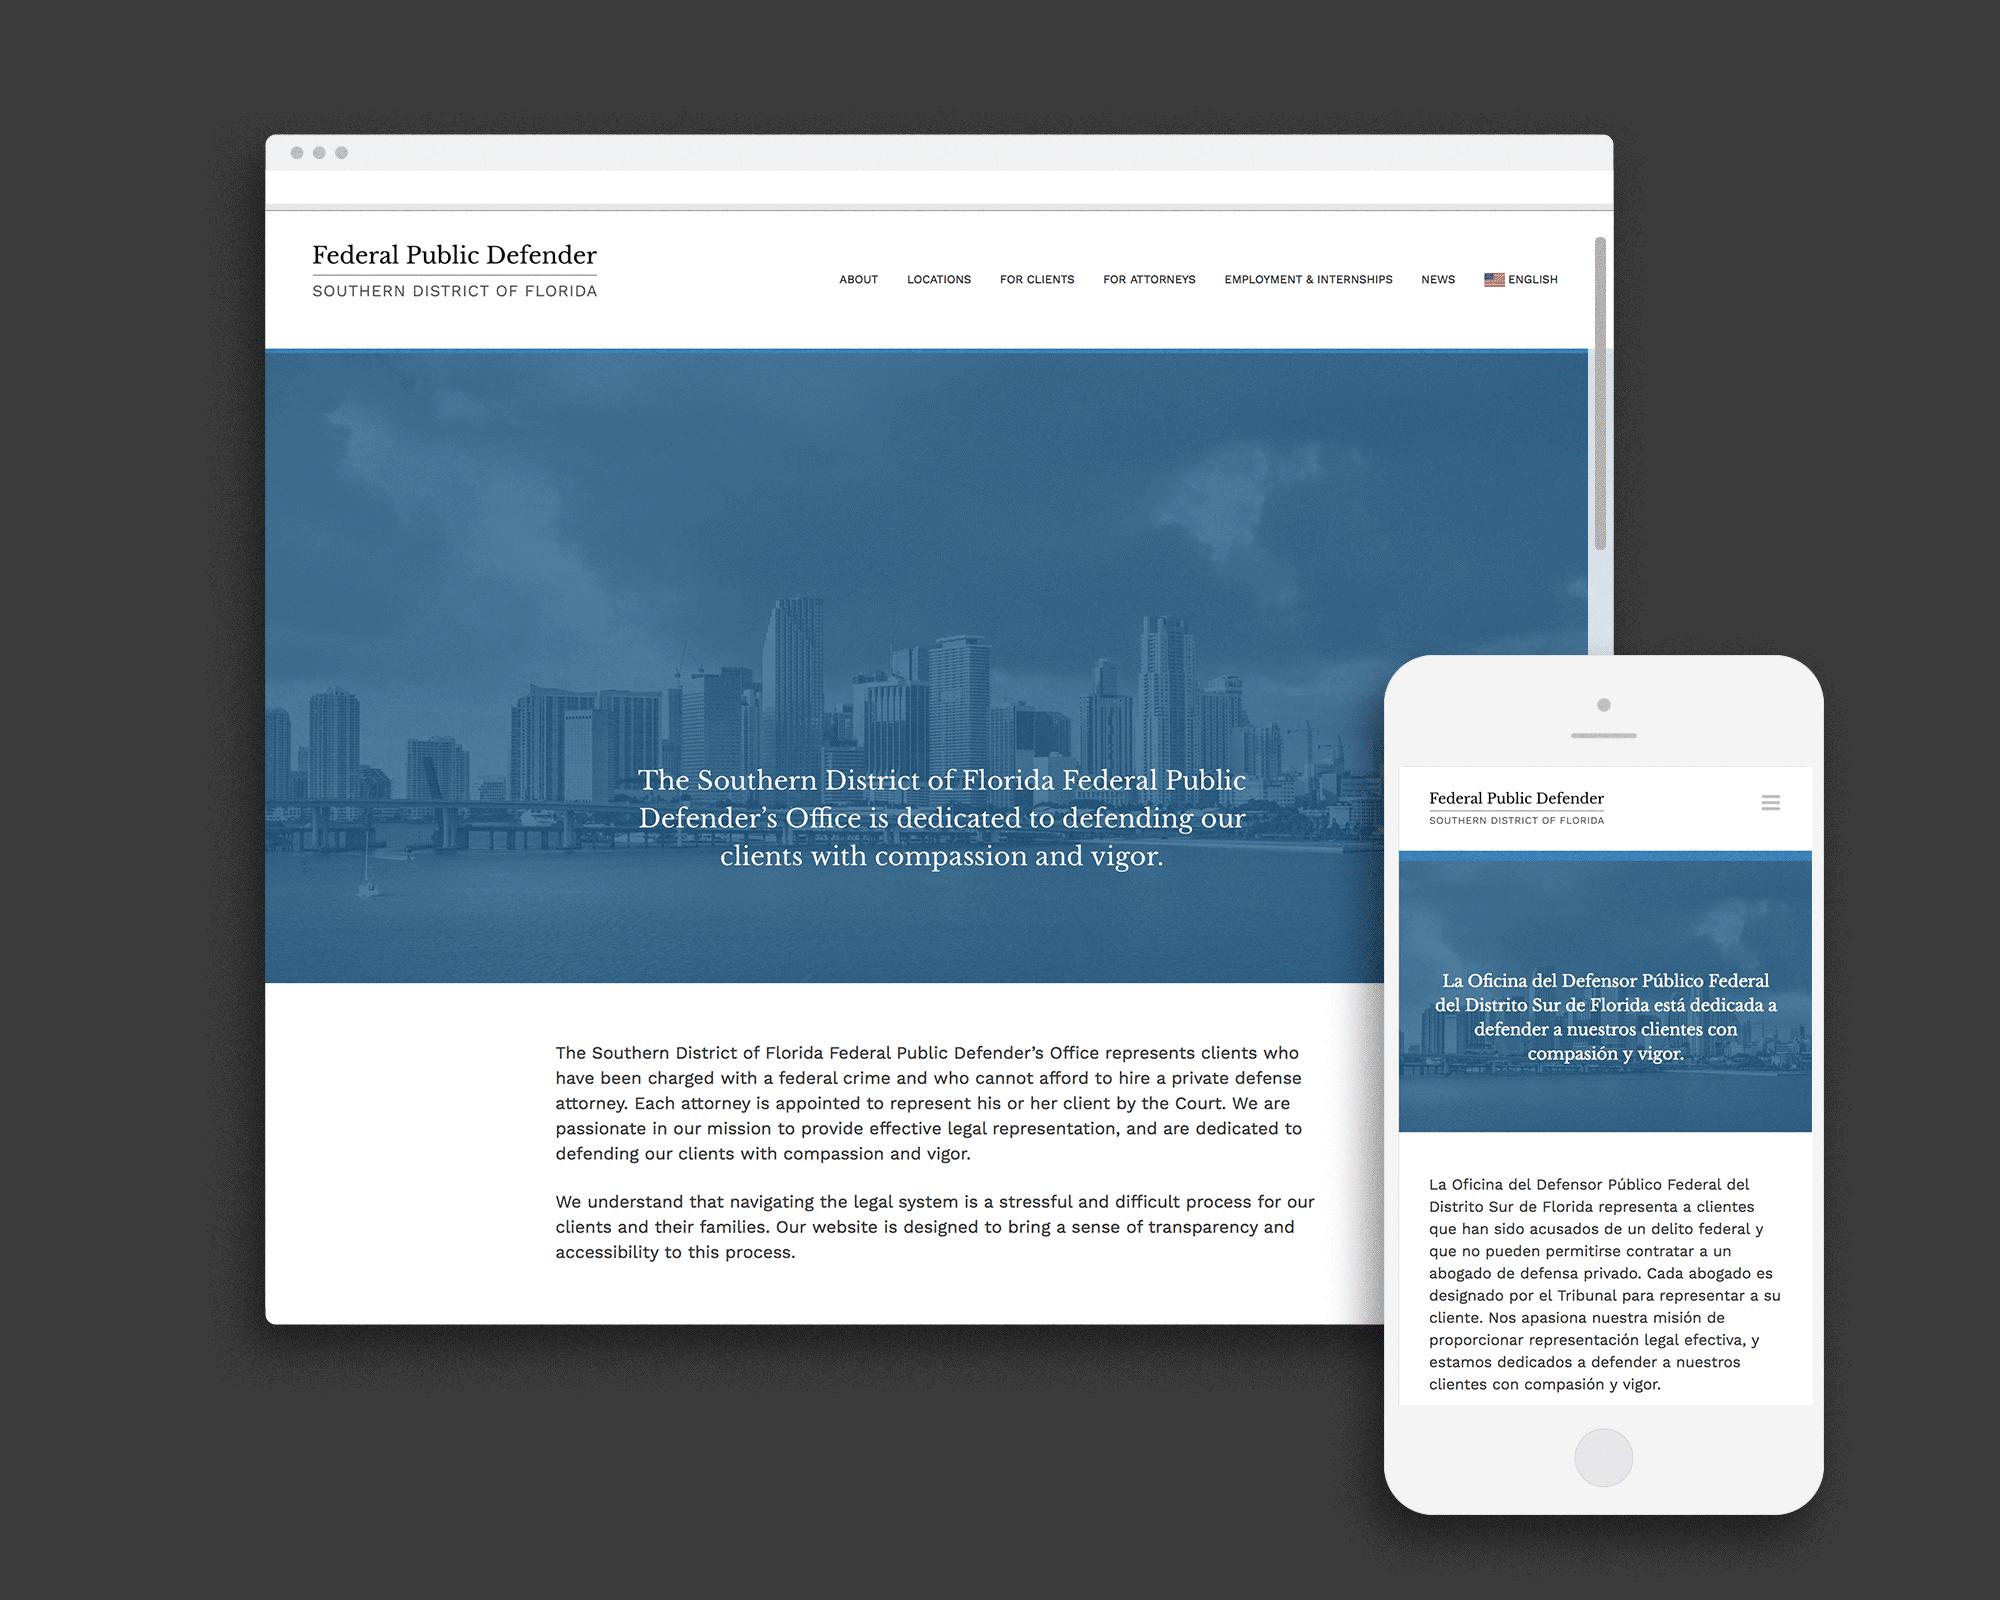 Federal Public Defender website on desktop and mobile